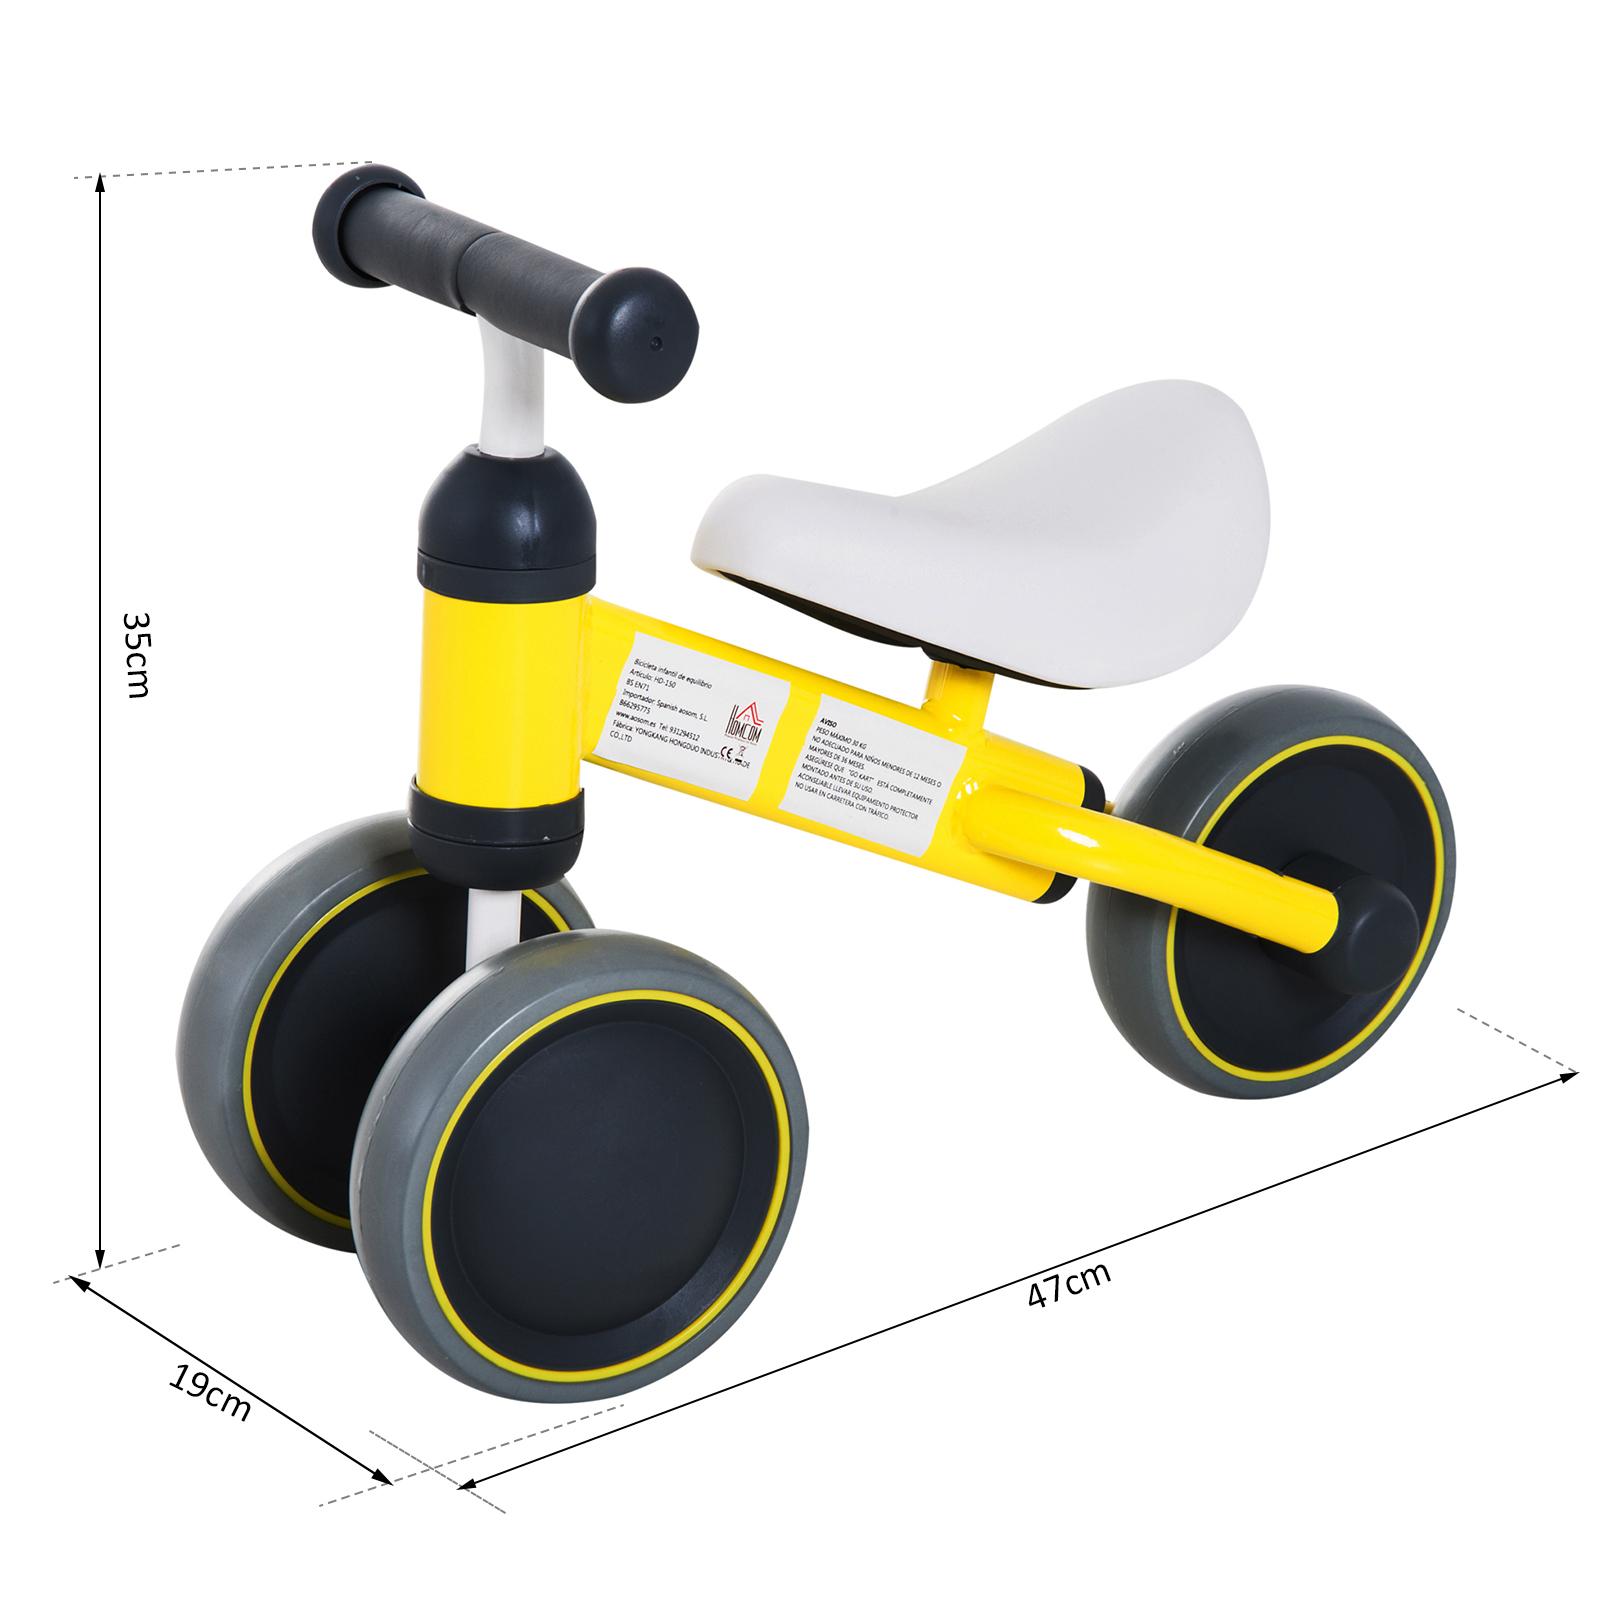 Triciclo-Bicicleta-sin-Pedales-para-Nino-1-3-Anos-Sillon-Comodo-Aluminio miniatura 8